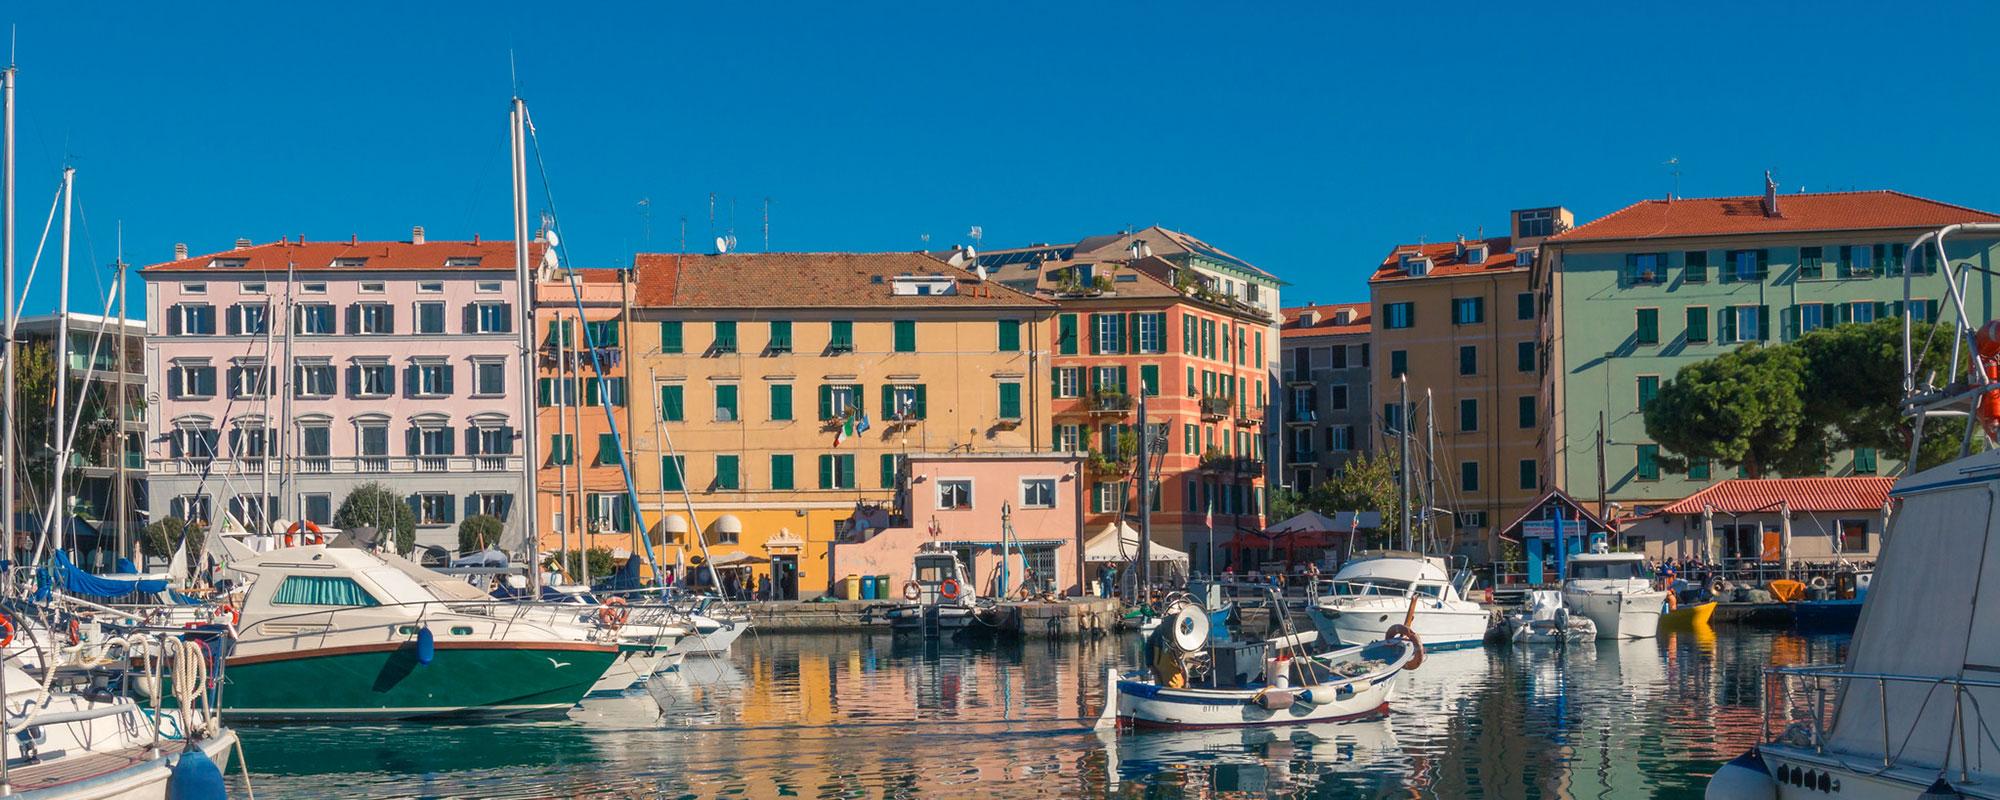 Oltre Letimbro e Santa Rita, Riviera ligure di Ponente, Liguria